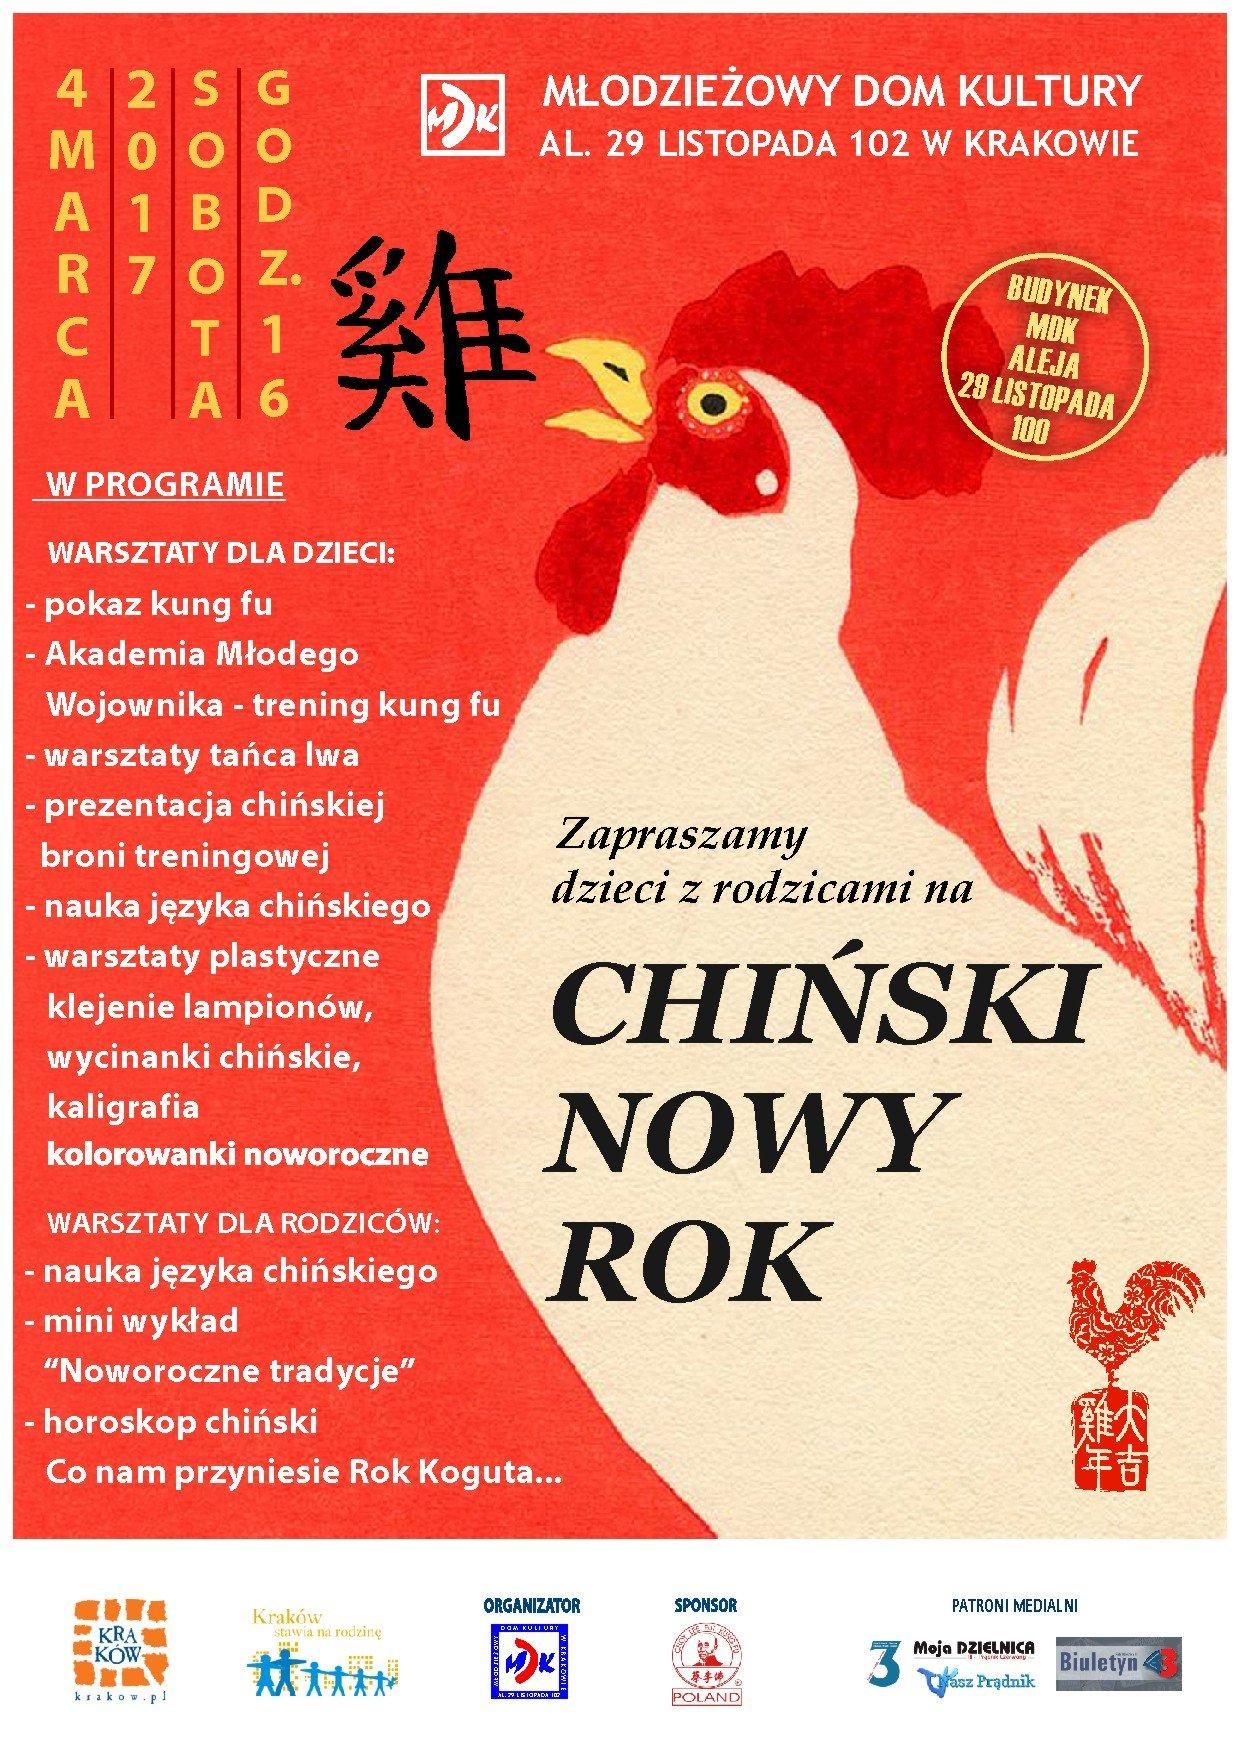 Chiński Nowy Rok w MDK